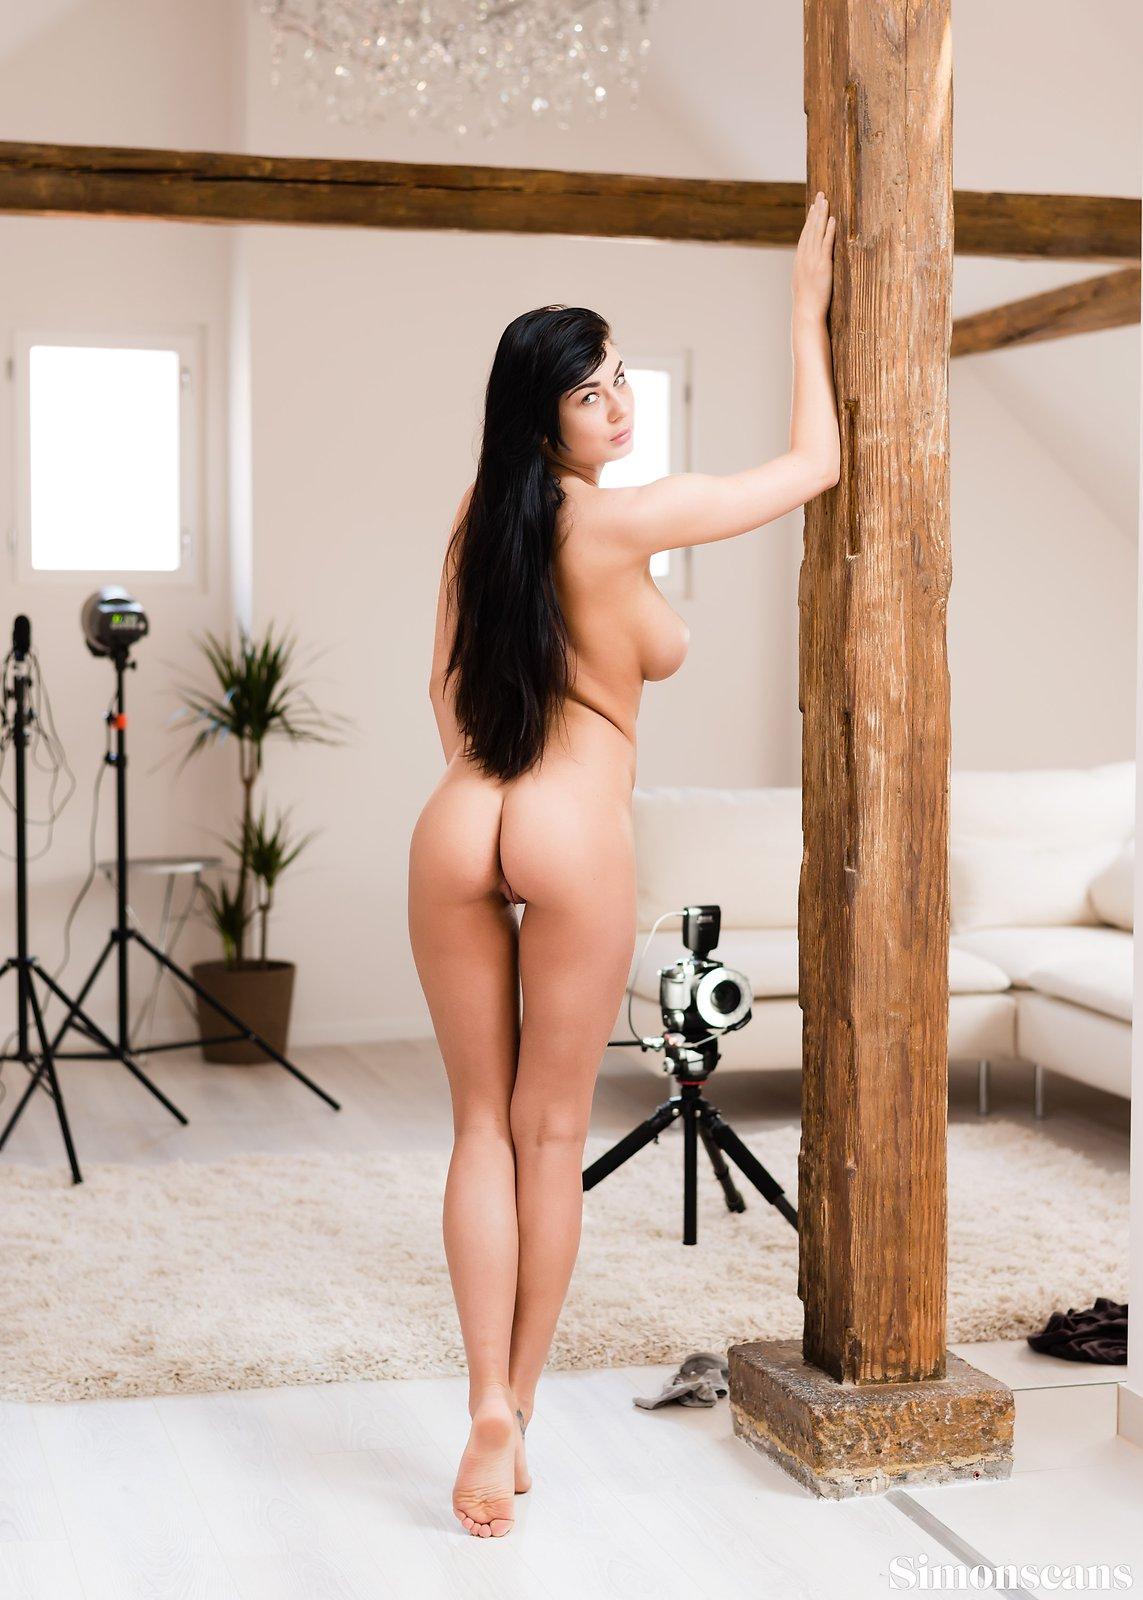 Порнозвезда люси ли рост вес, порно украинки и русского парня с огромной елдой